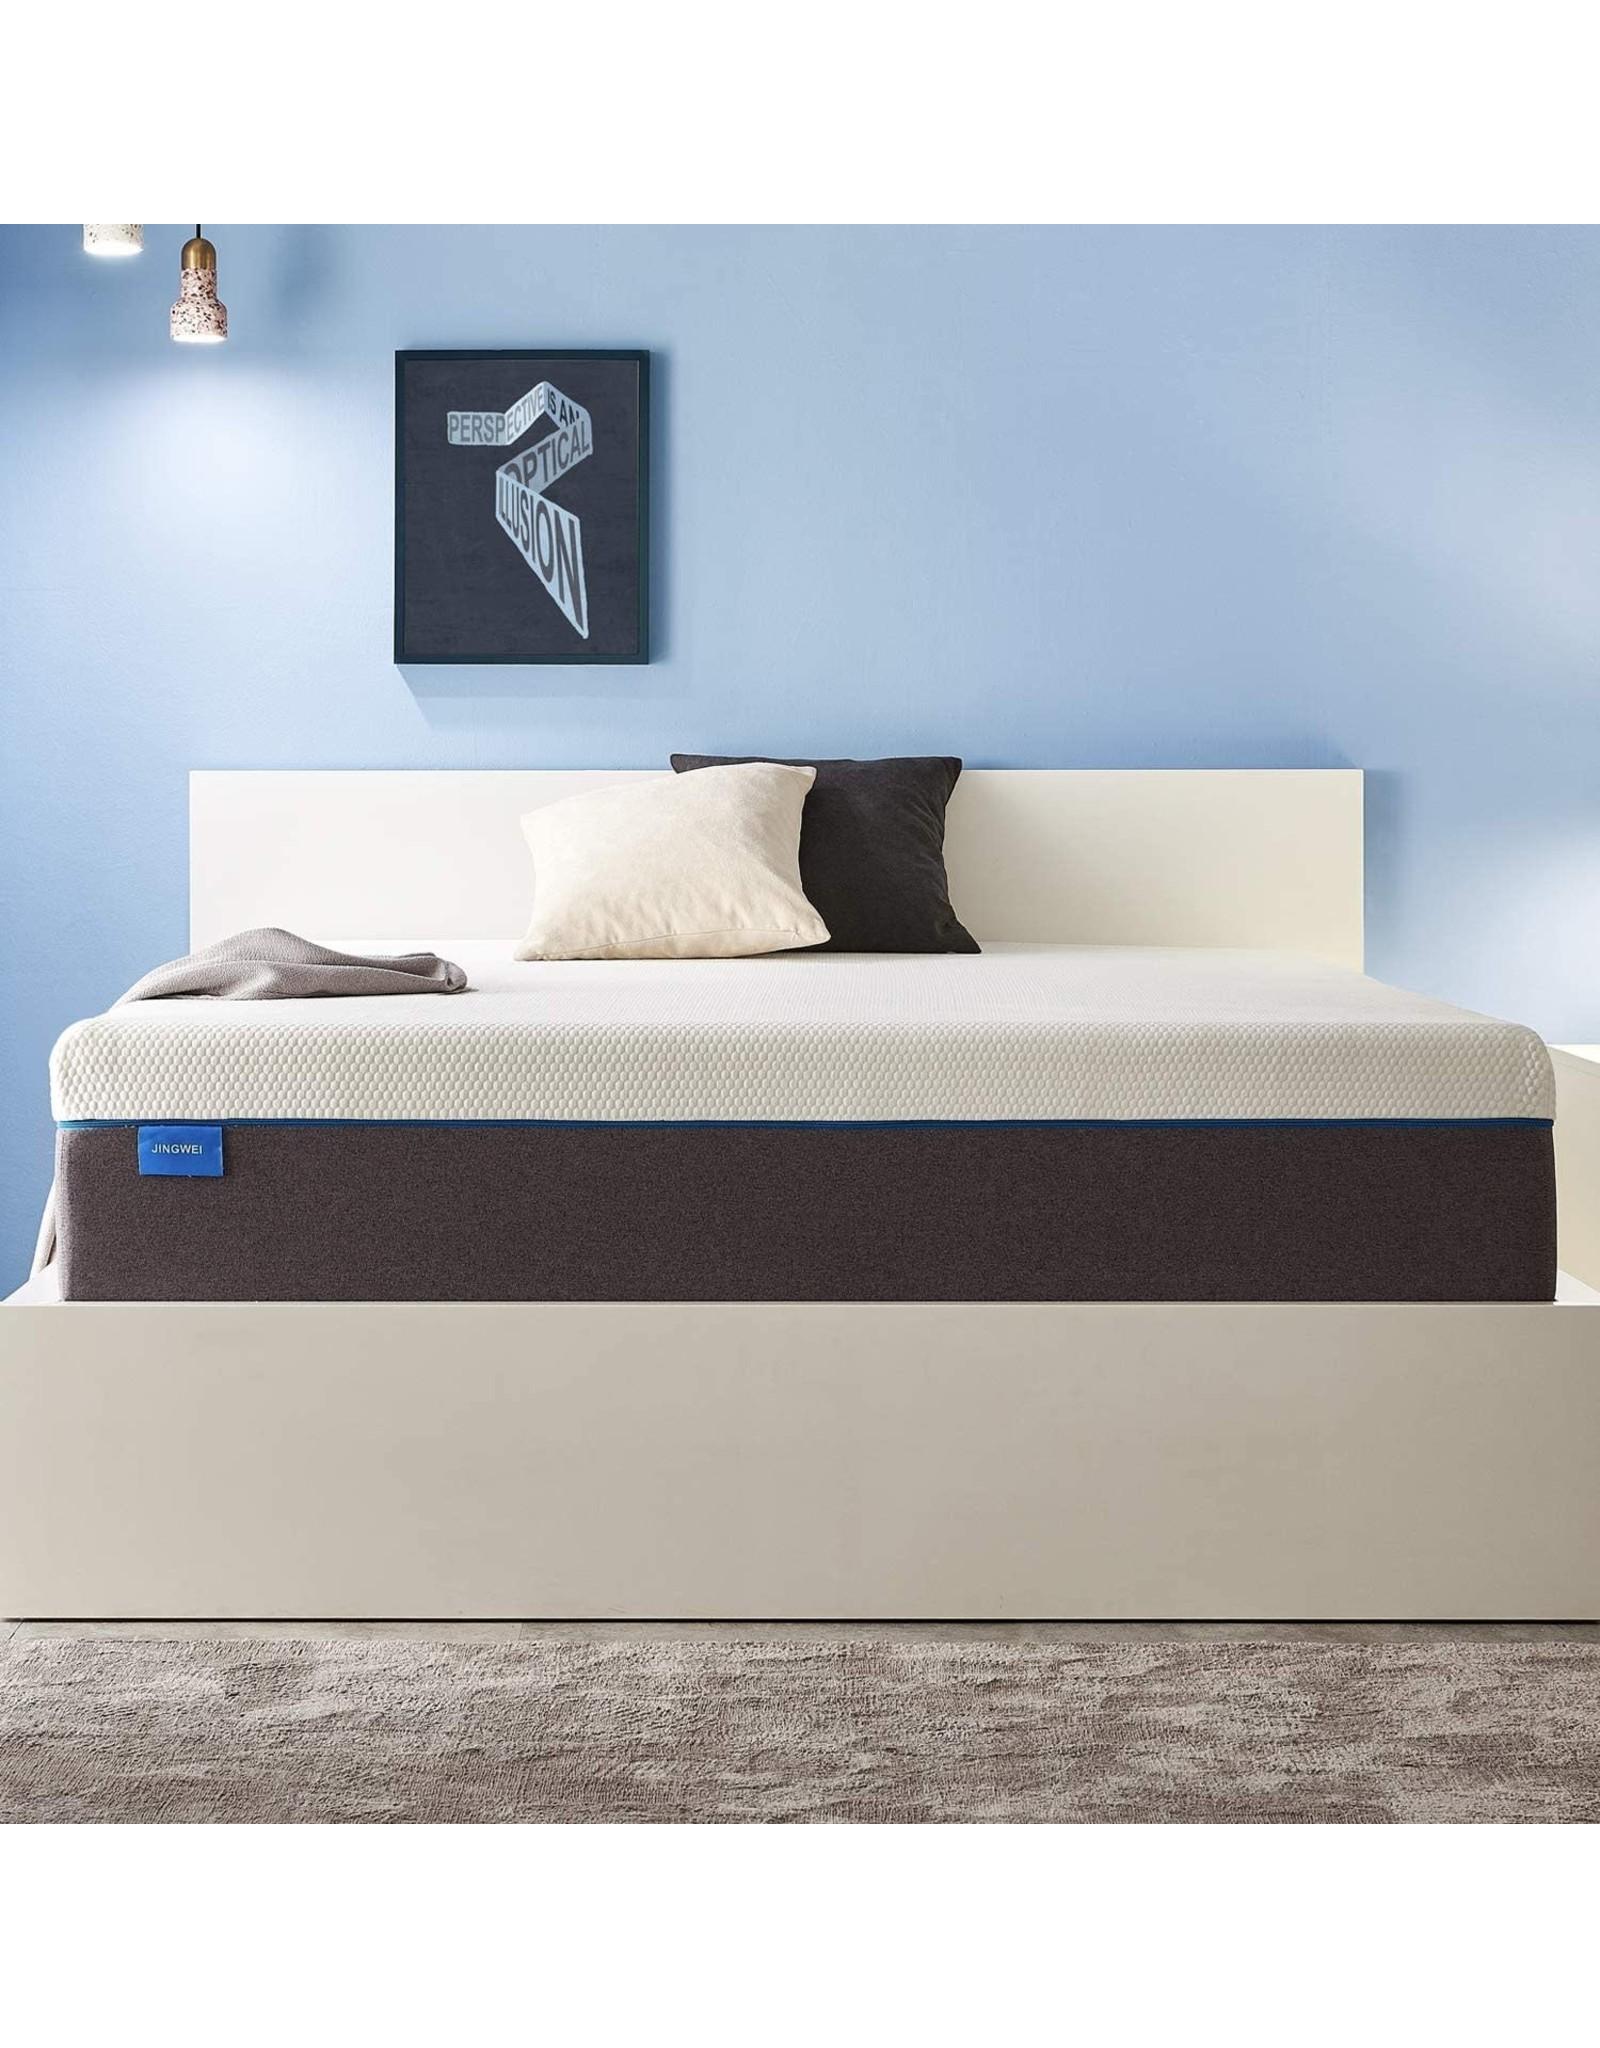 JINGWEI Full Size Mattress, JINGWEI 9 Inches Gel Memory Foam Mattress Bed in a Box, Certified Foam, Pressure Relief Supportive, Medium Firm, 54 X 75 X 9 inches